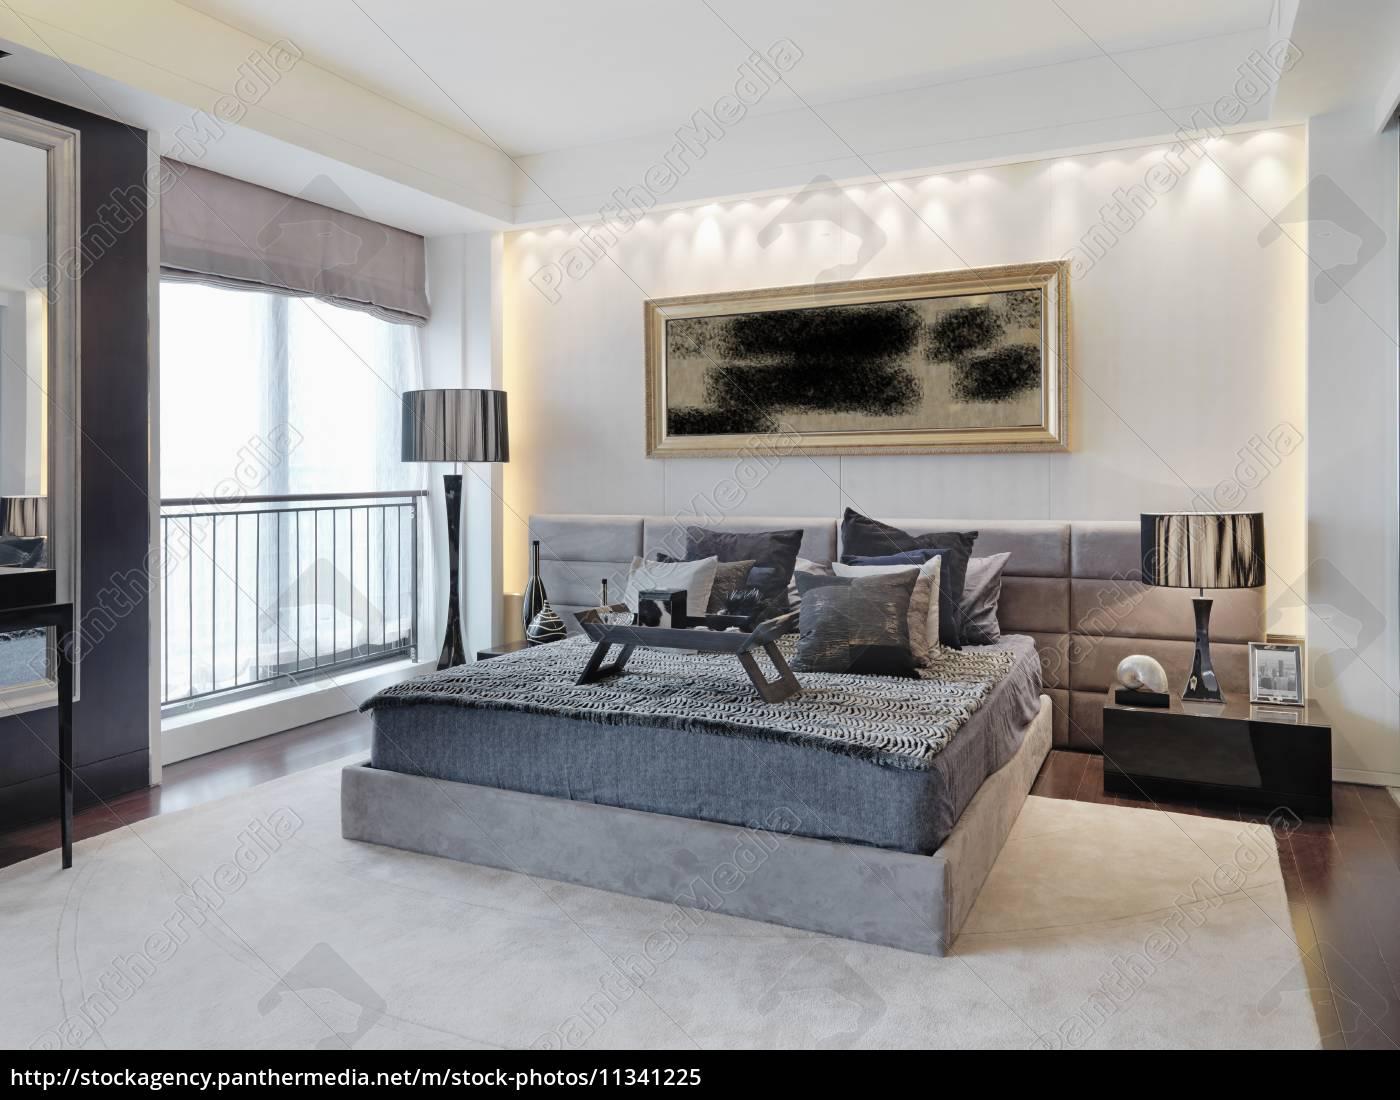 grau modernes schlafzimmer - Lizenzfreies Bild - #11341225 ...